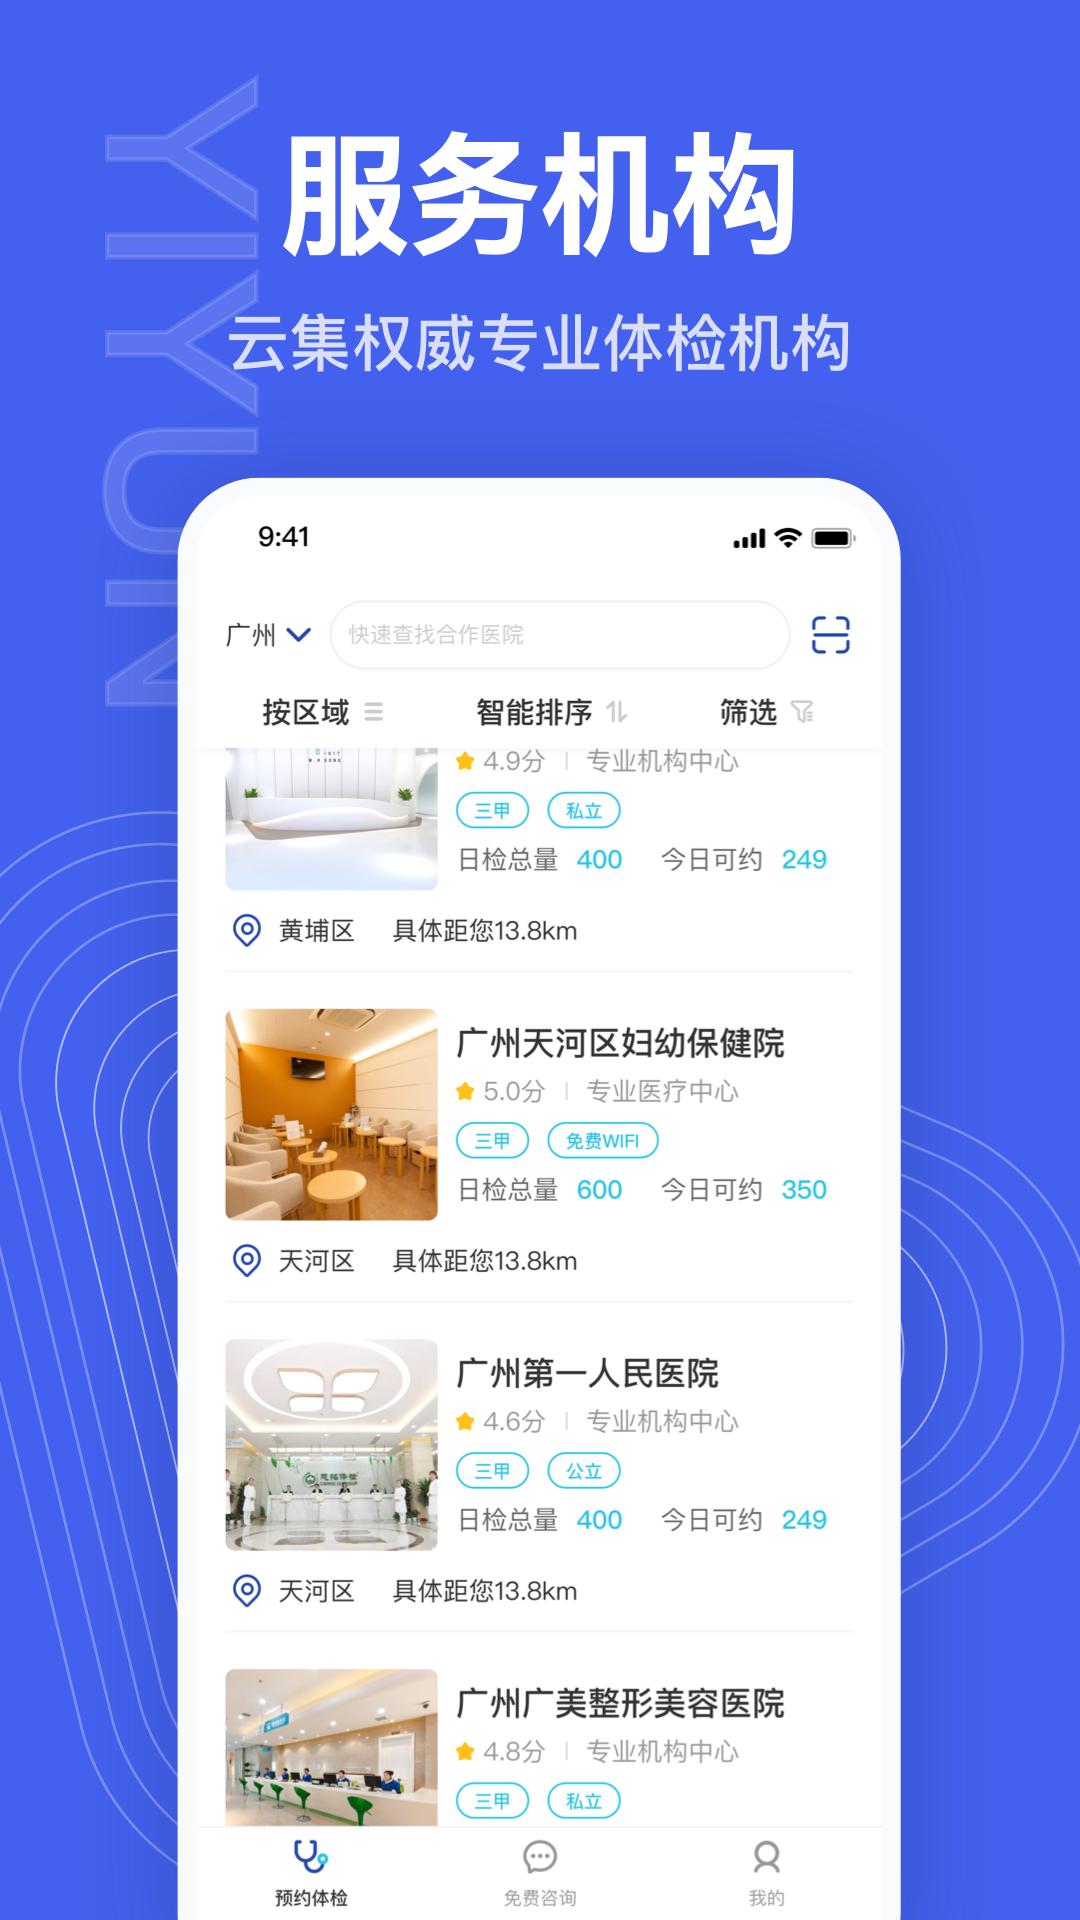 壹云健康 V1.2.2 安卓版截图4